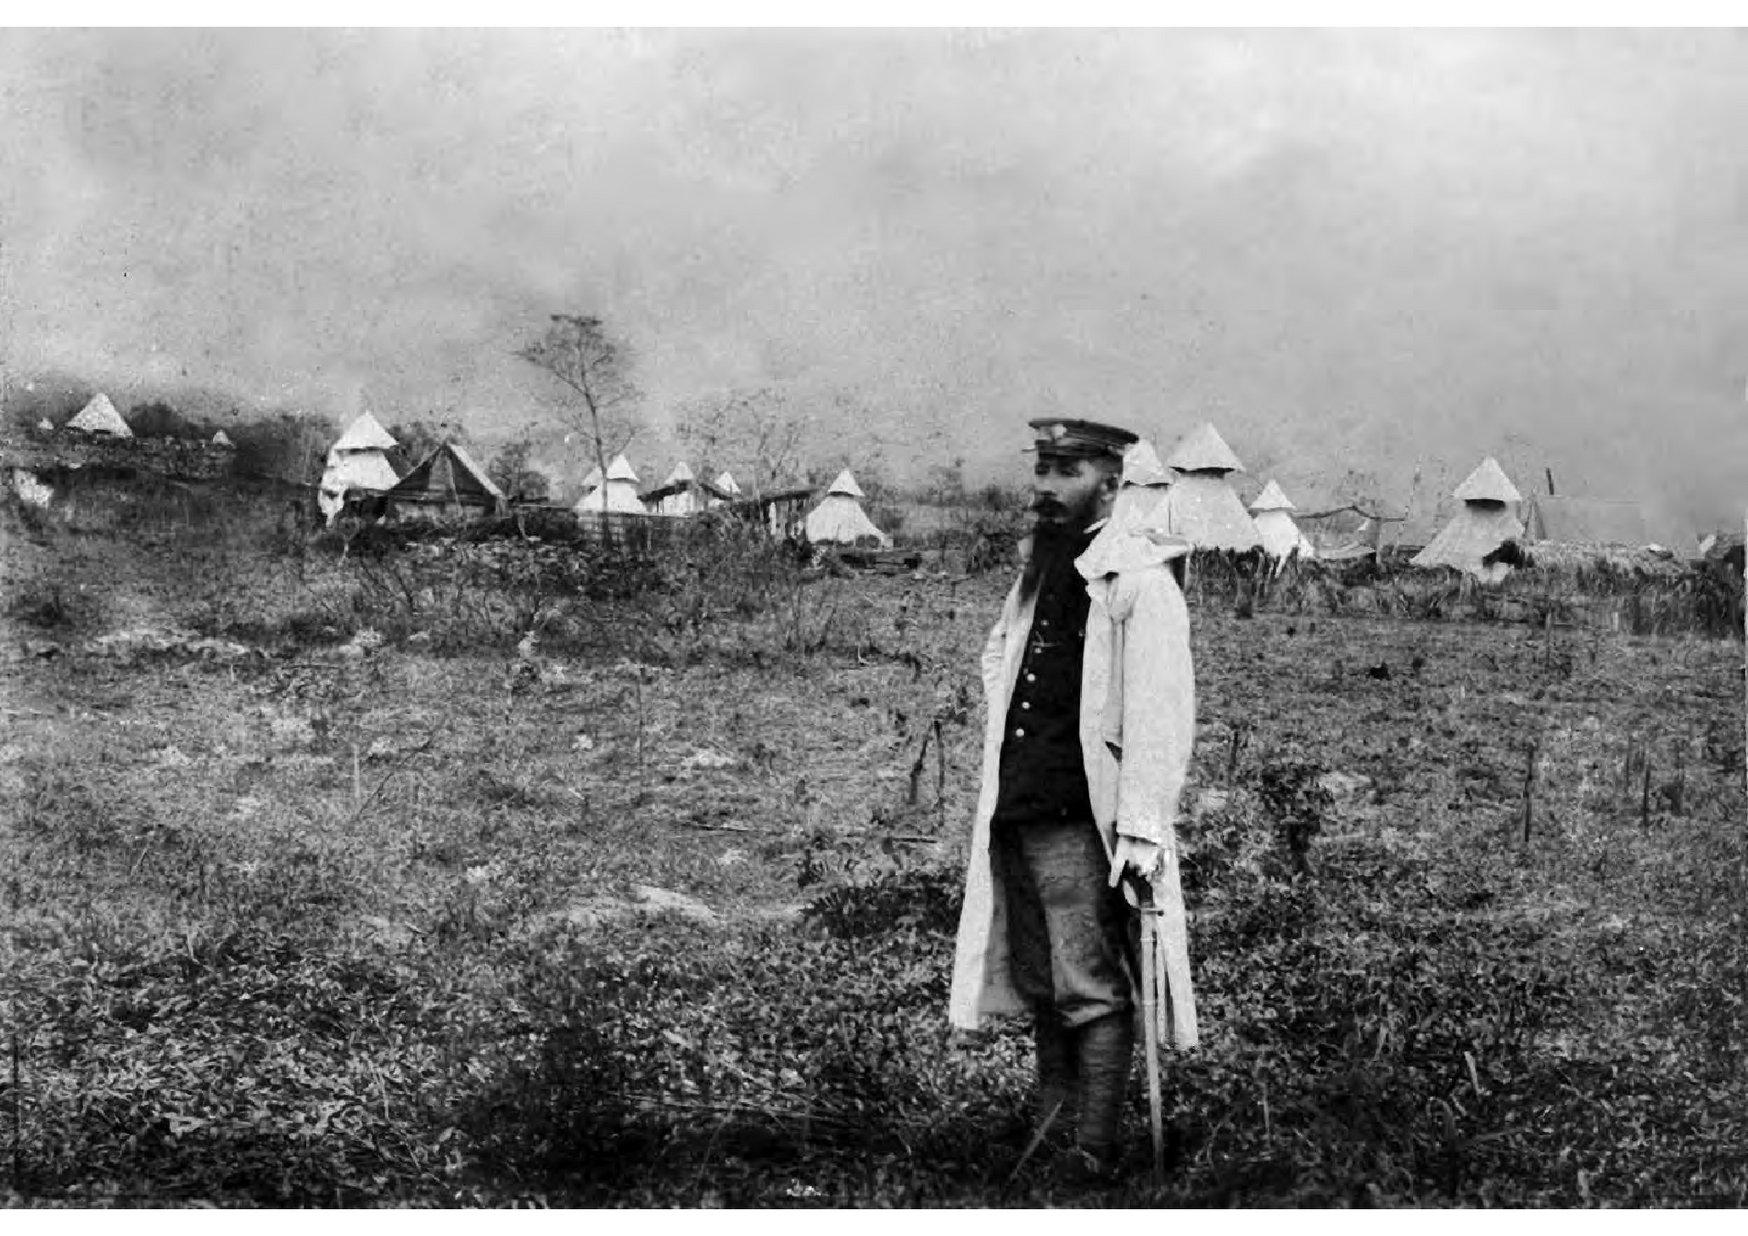 七腳川事件圖檔-117張照片